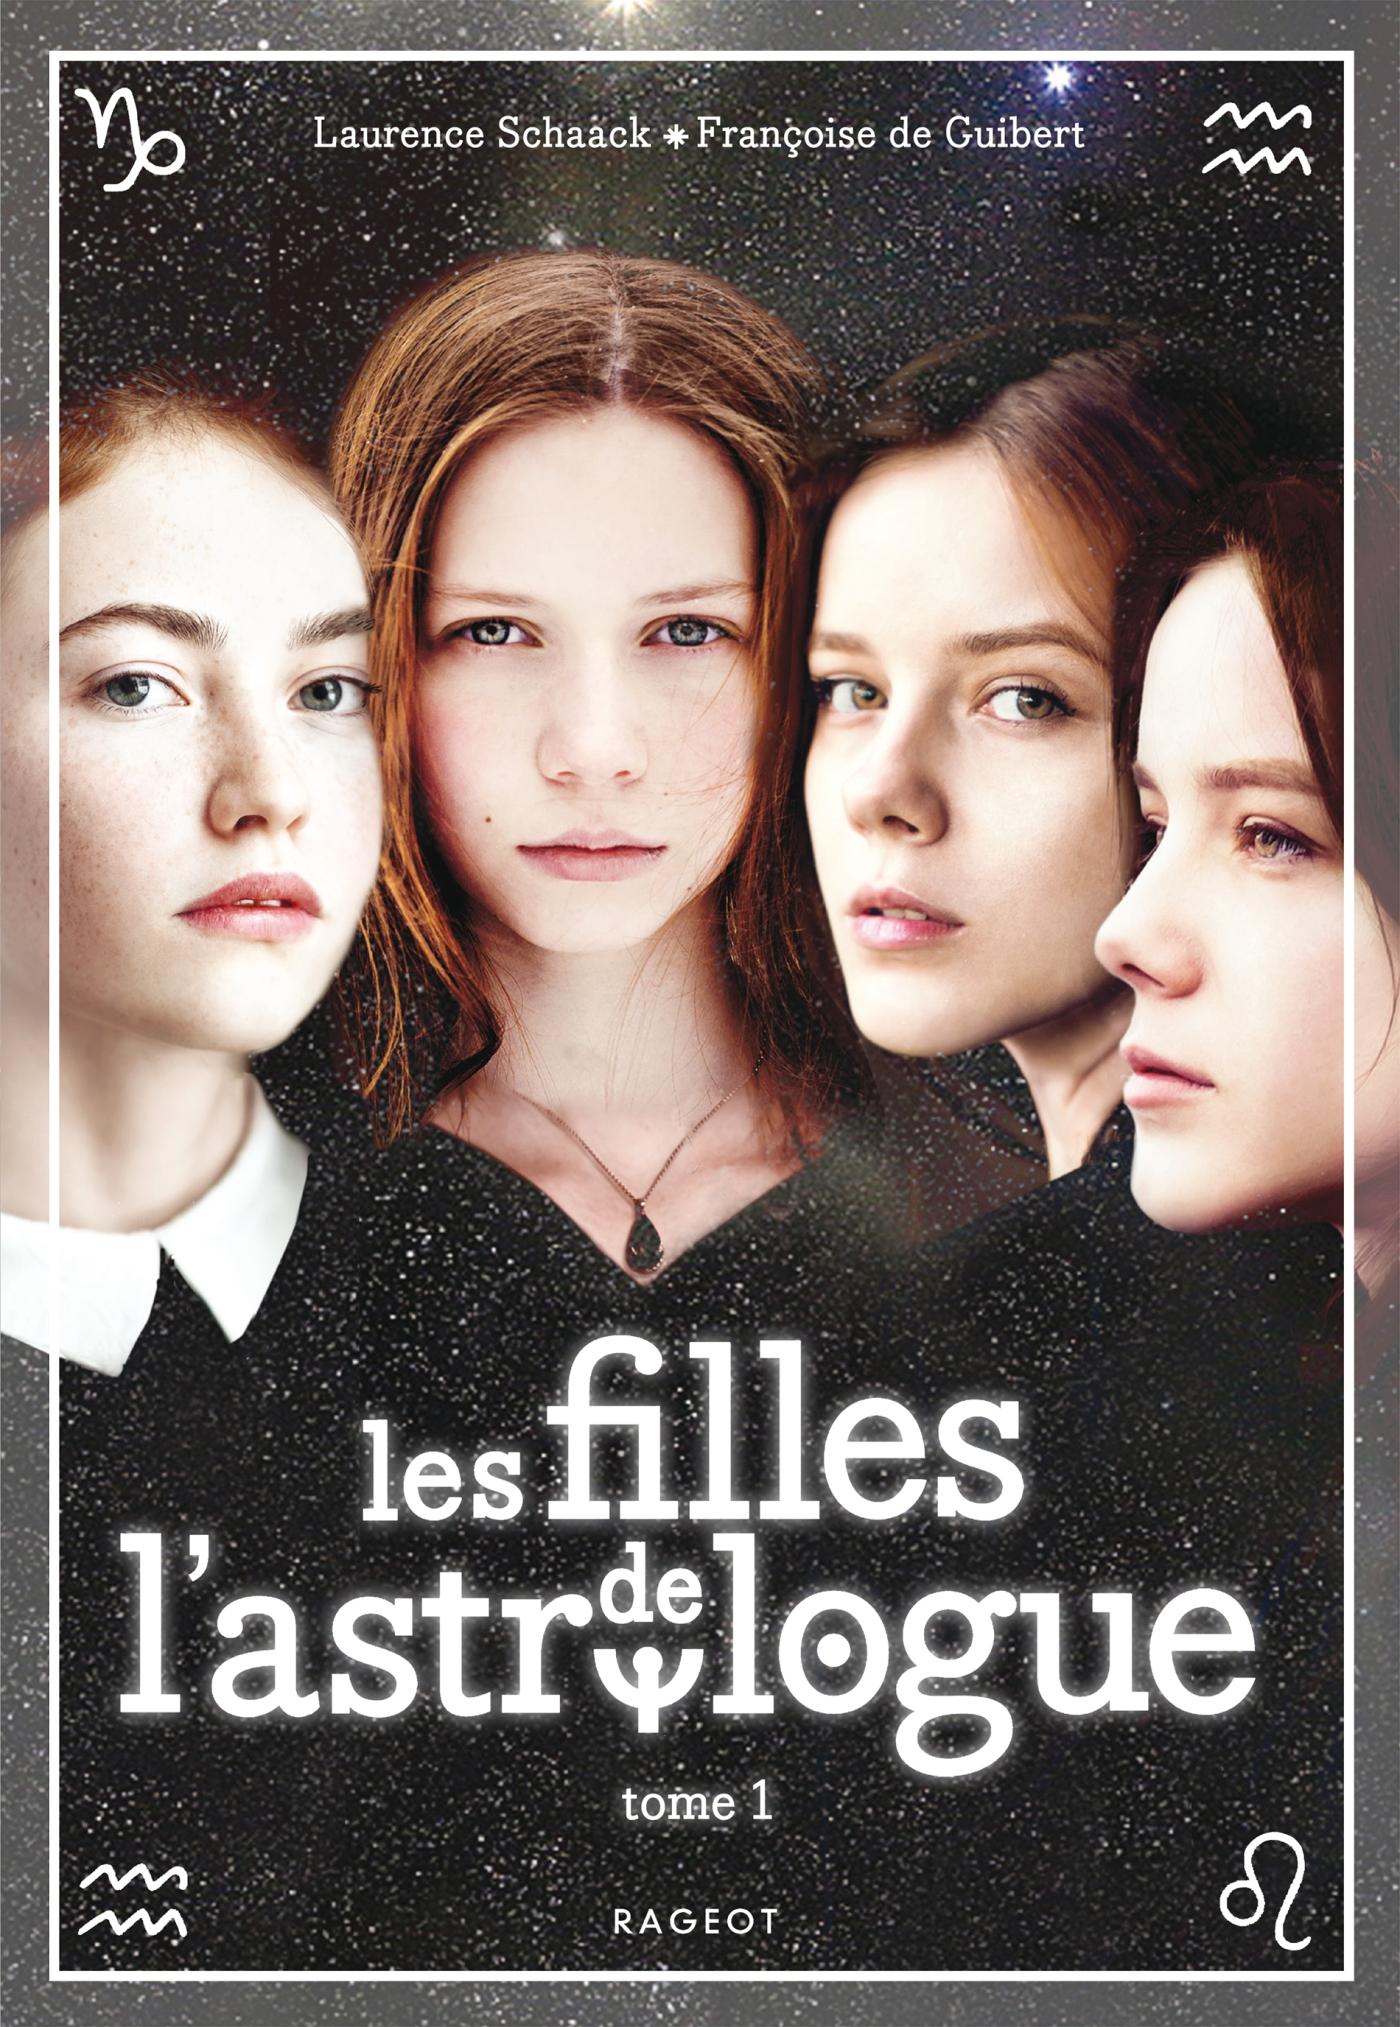 Les filles de l'astrologue - tome 1